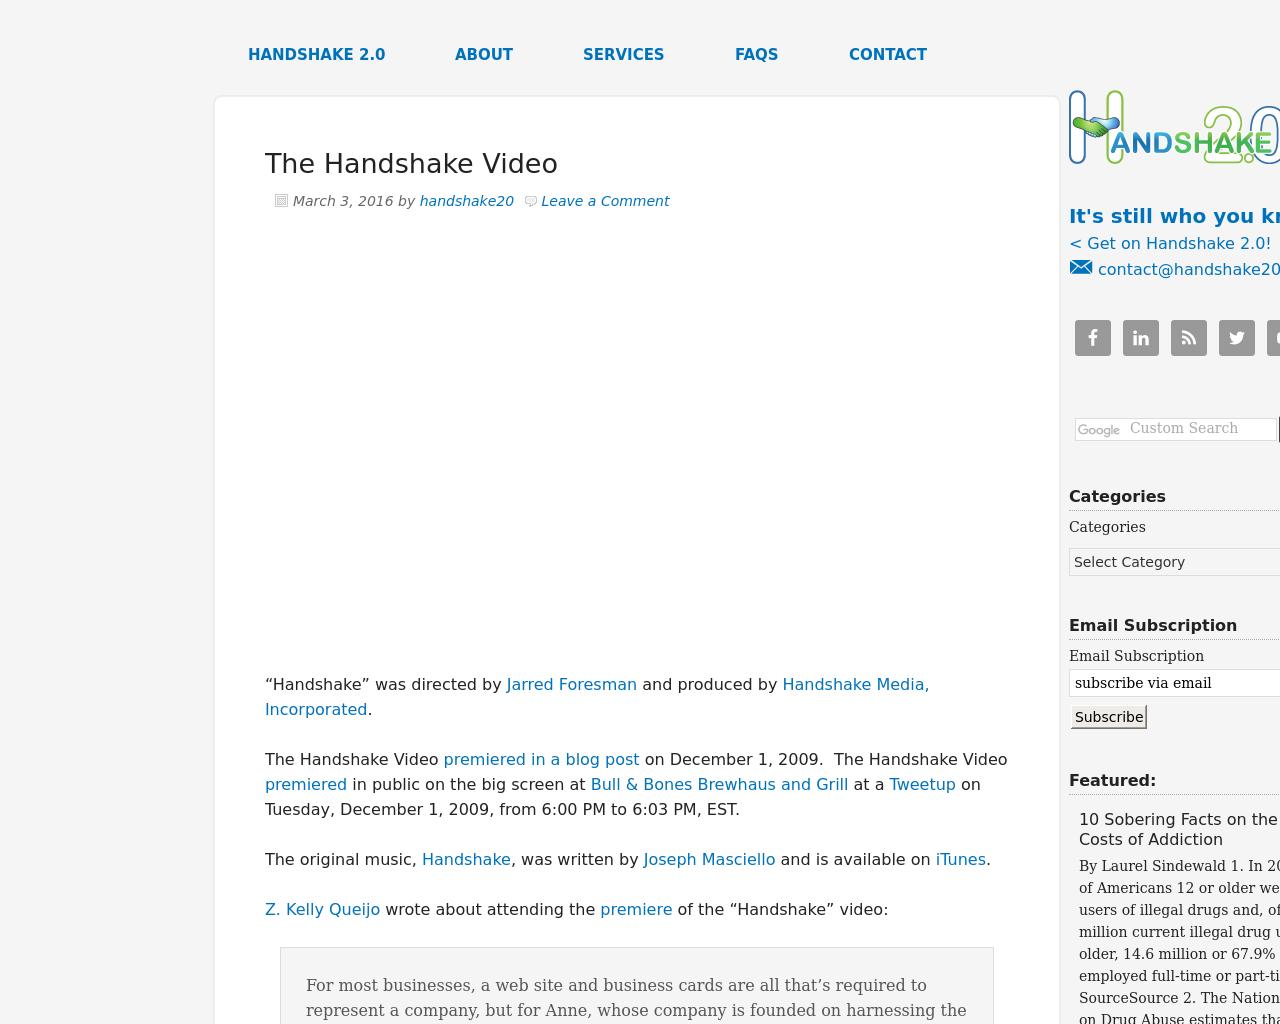 Handshake-2.0-Advertising-Reviews-Pricing